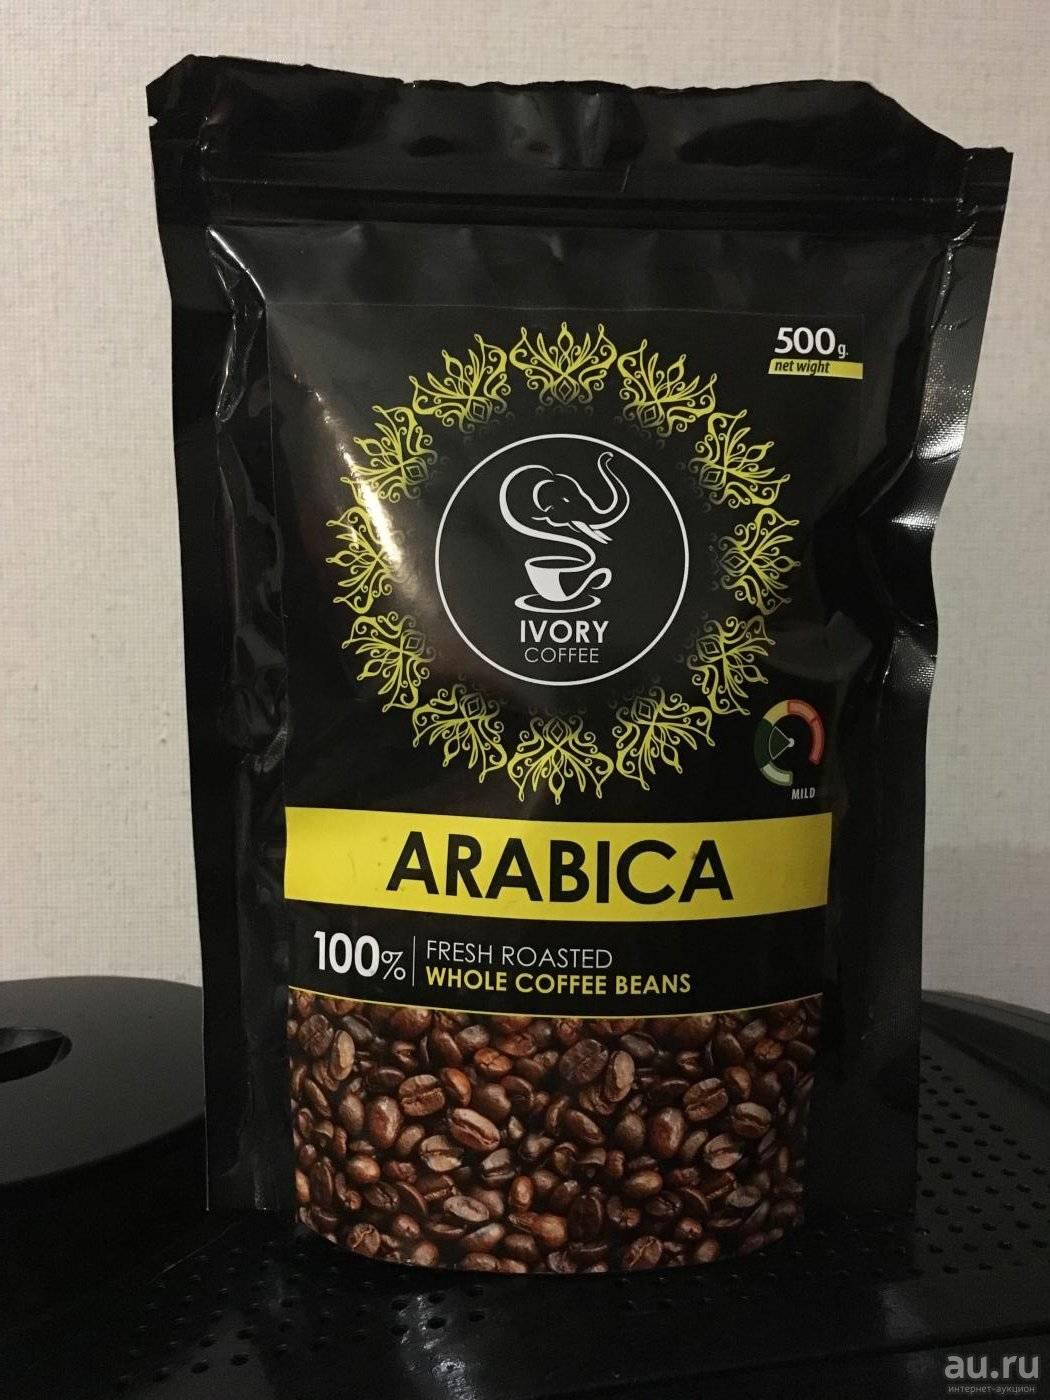 Какие сорта зернового кофе лучше выбрать для кофемашины: обзор 10 самых популярных и любимых, их плюсы и минусы